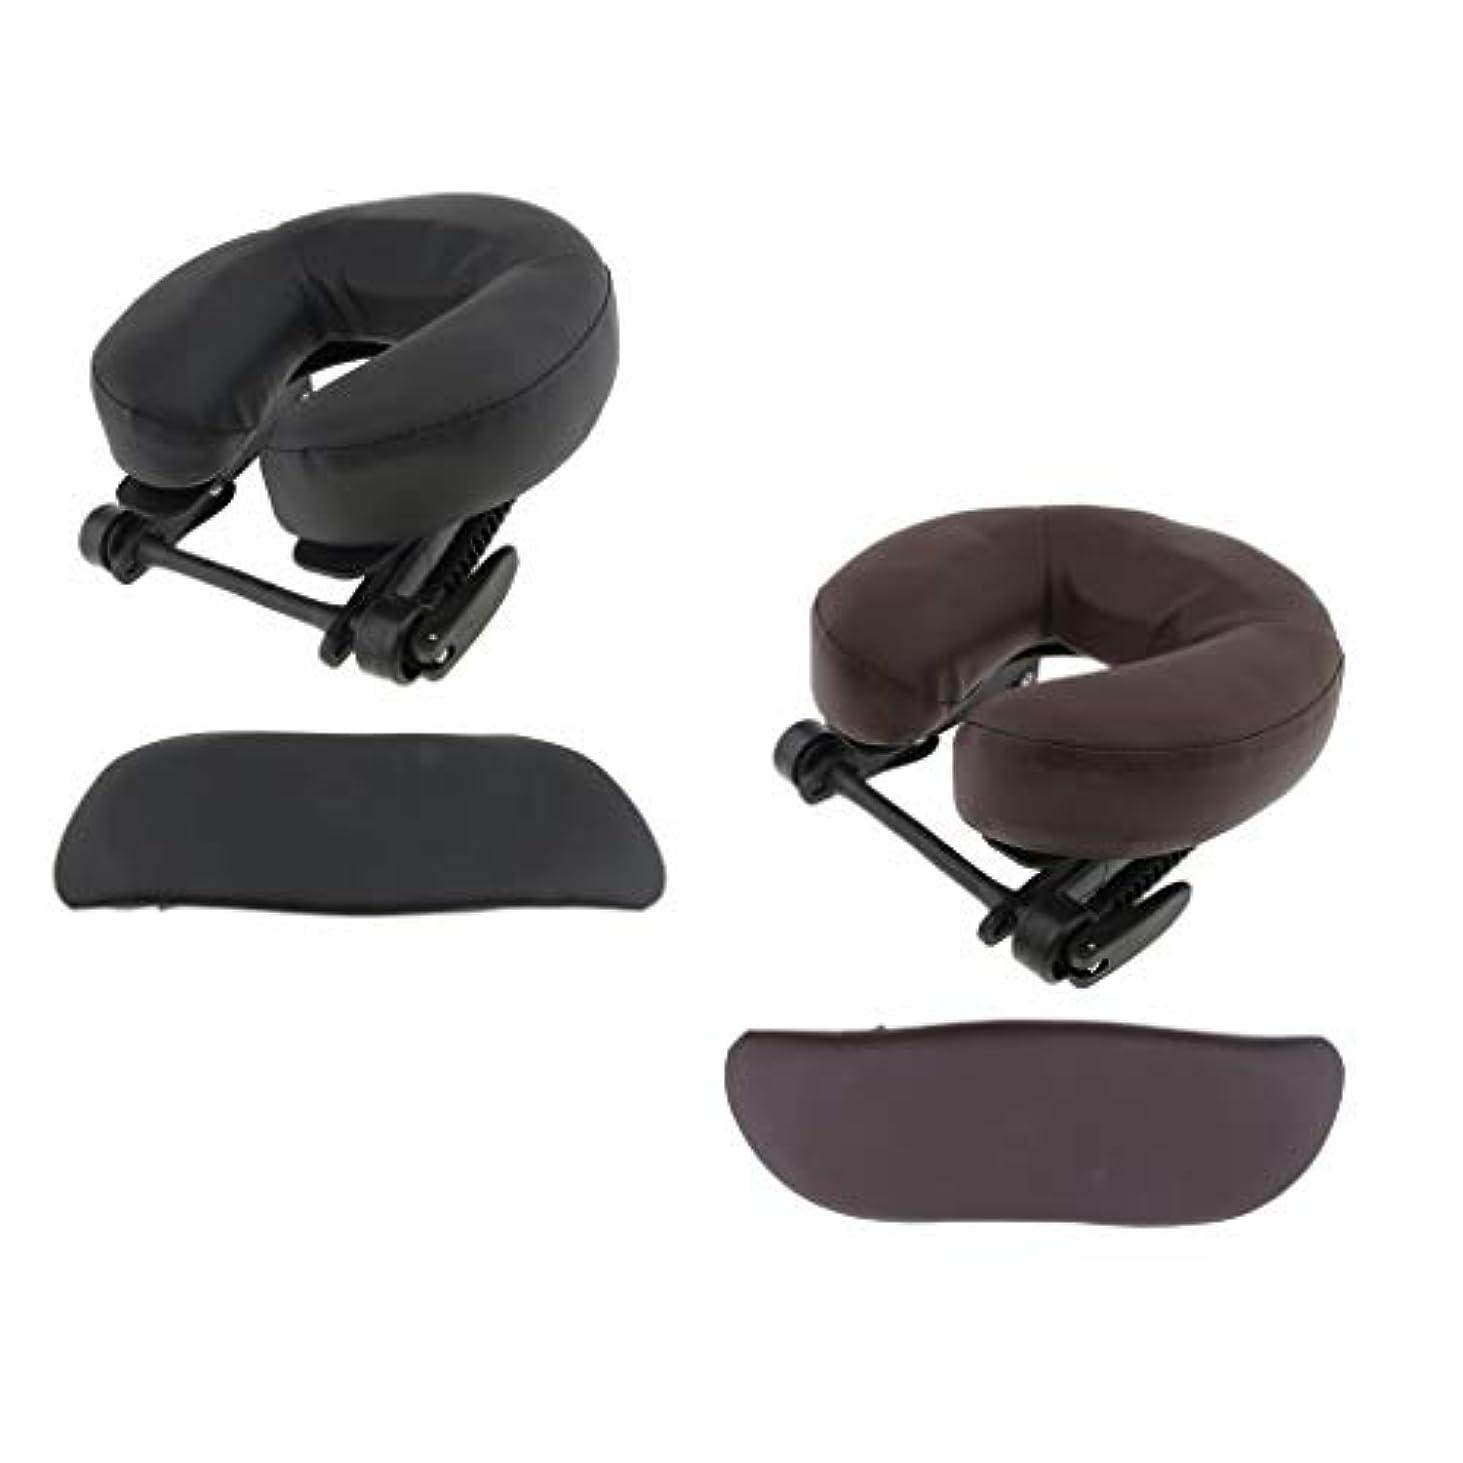 くちばし適合しました新年Hellery 顔枕 マッサージ用 ボディマッサージ フェイスピロー フェイスピロー 枕 フェイスクレードルクッション - ブラウン+ブラック